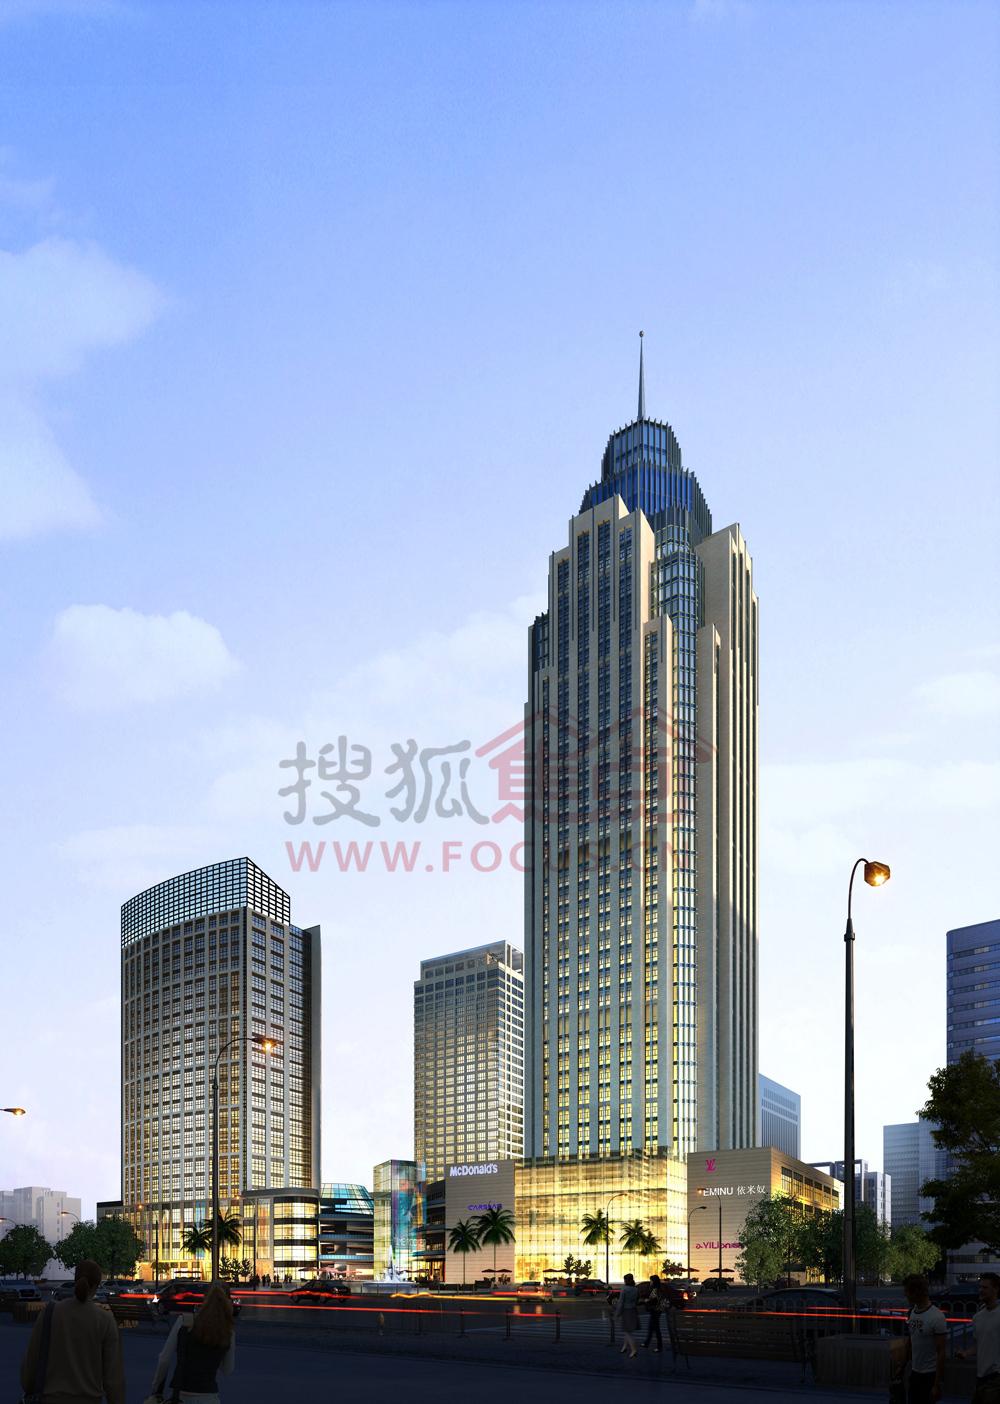 万达+爱琴海+吾悦广场 呈贡商业崛起问鼎城市核心